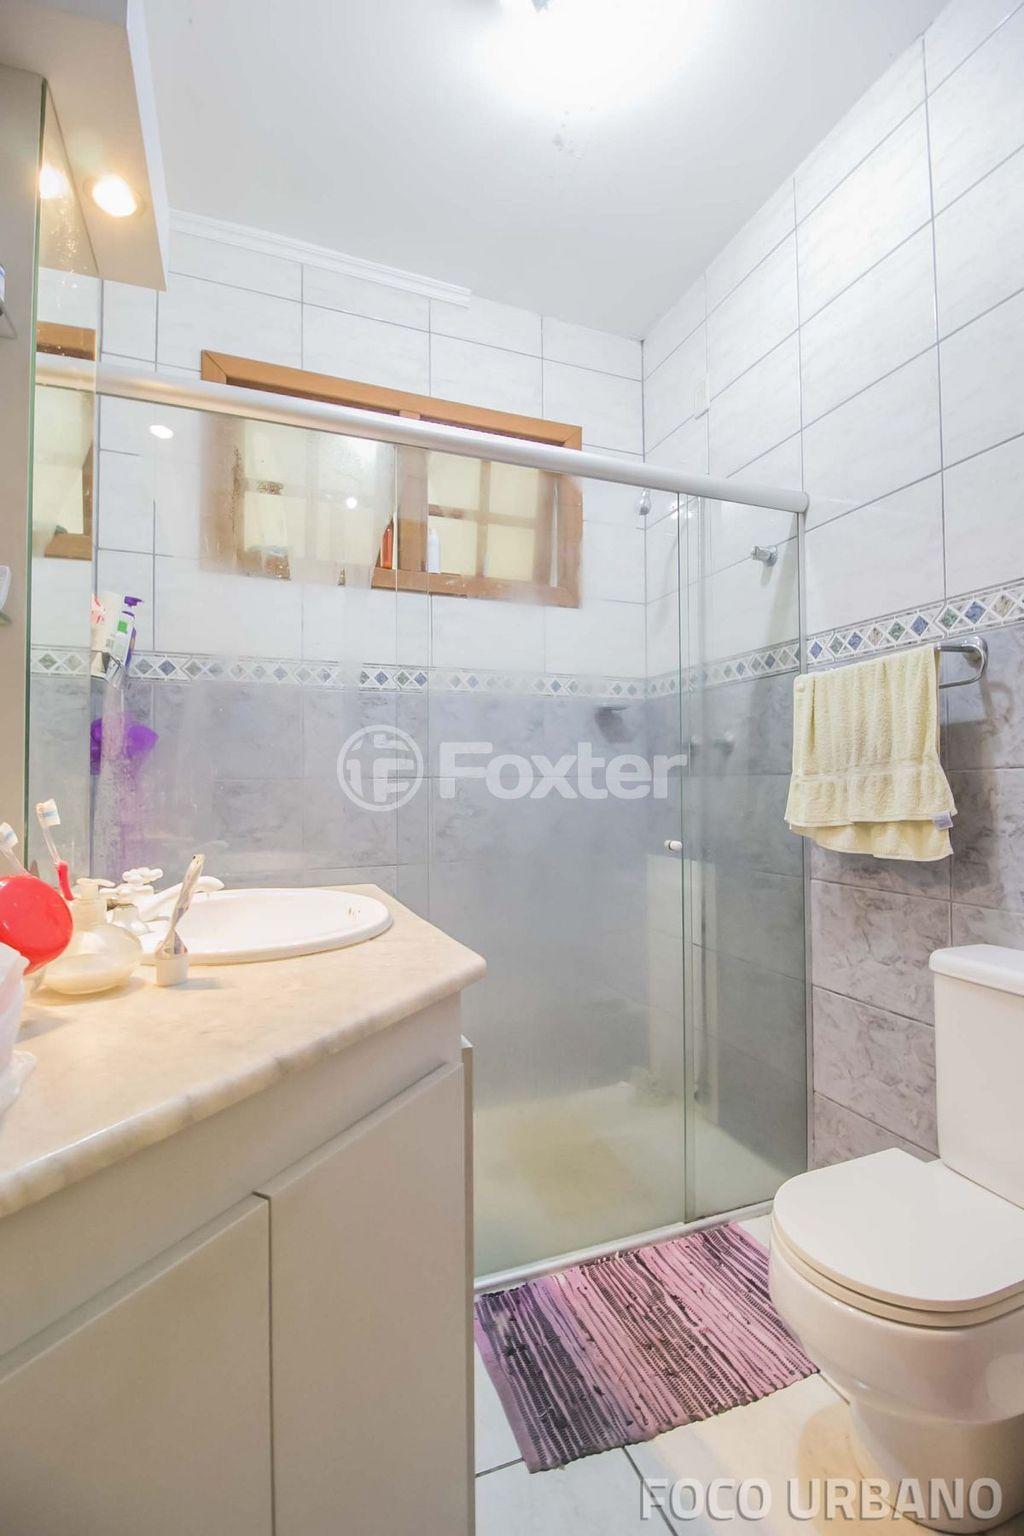 Foxter Imobiliária - Casa 3 Dorm, Santana (105220) - Foto 10